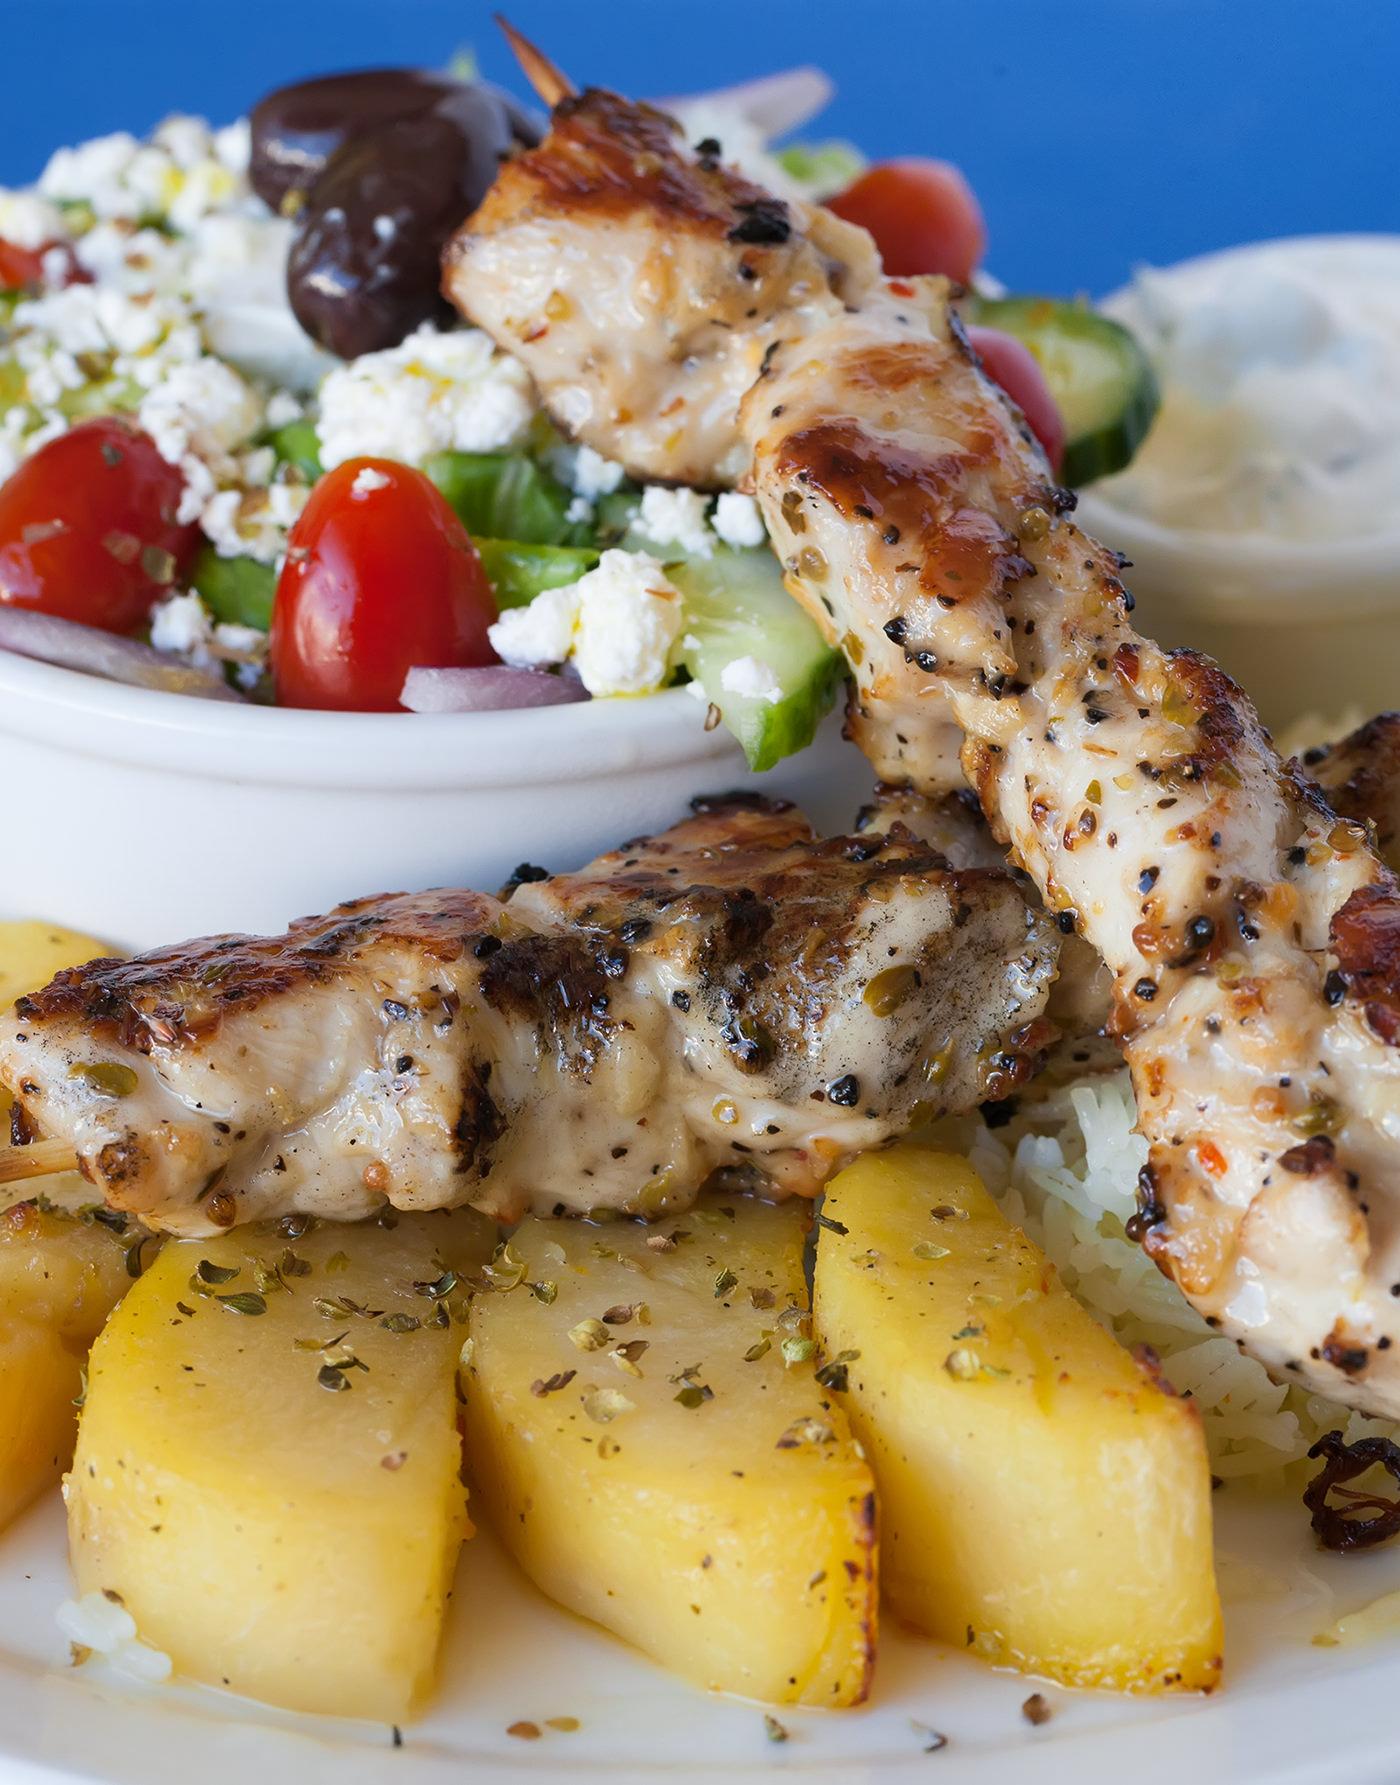 chicken-souvlaki-on-a-plate